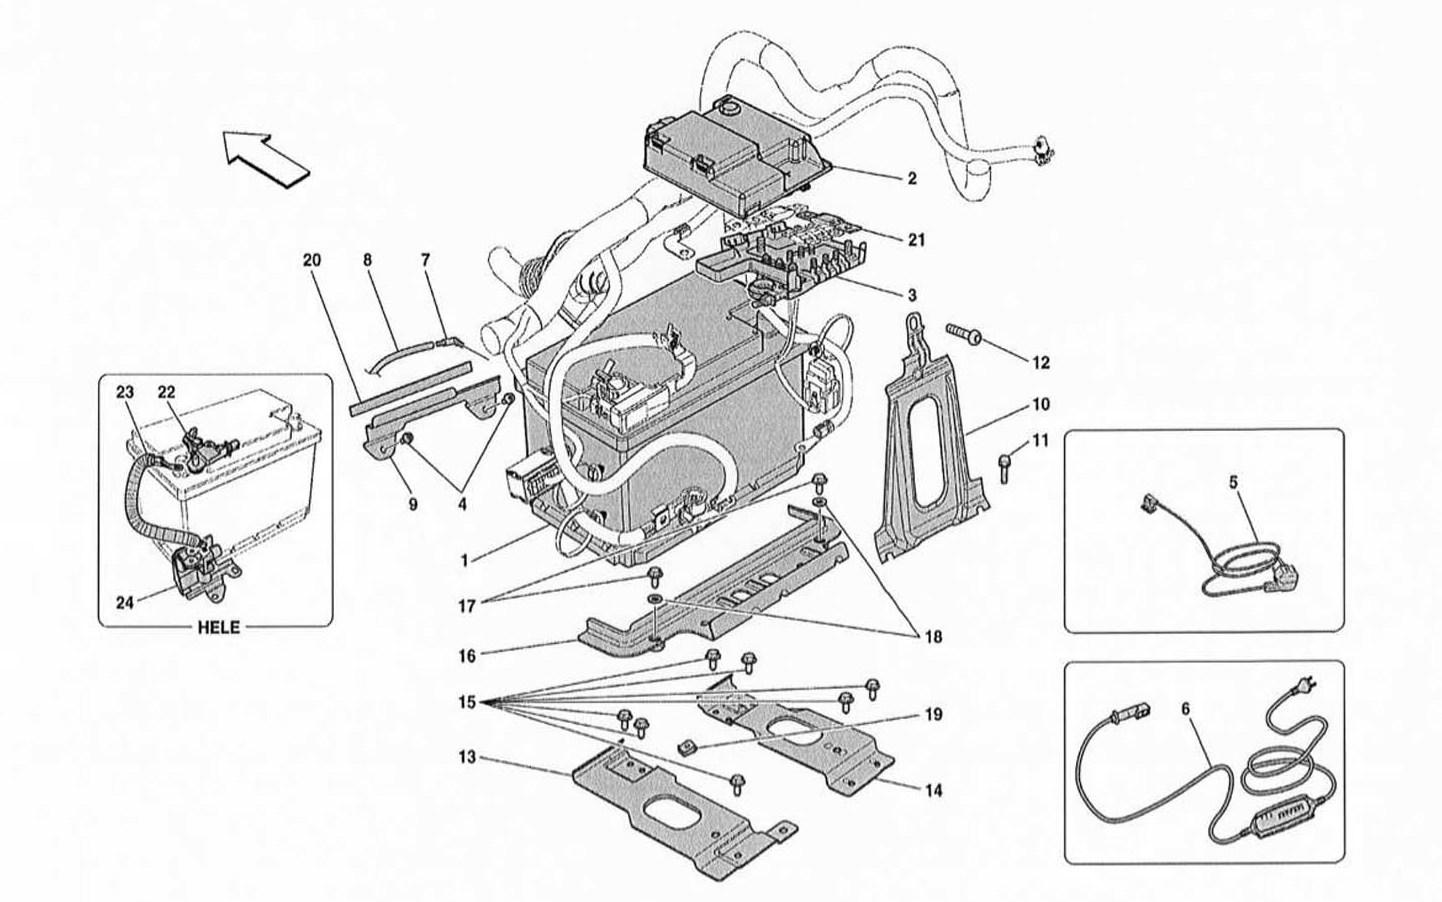 Ferrari 458 Spider 13 Battery